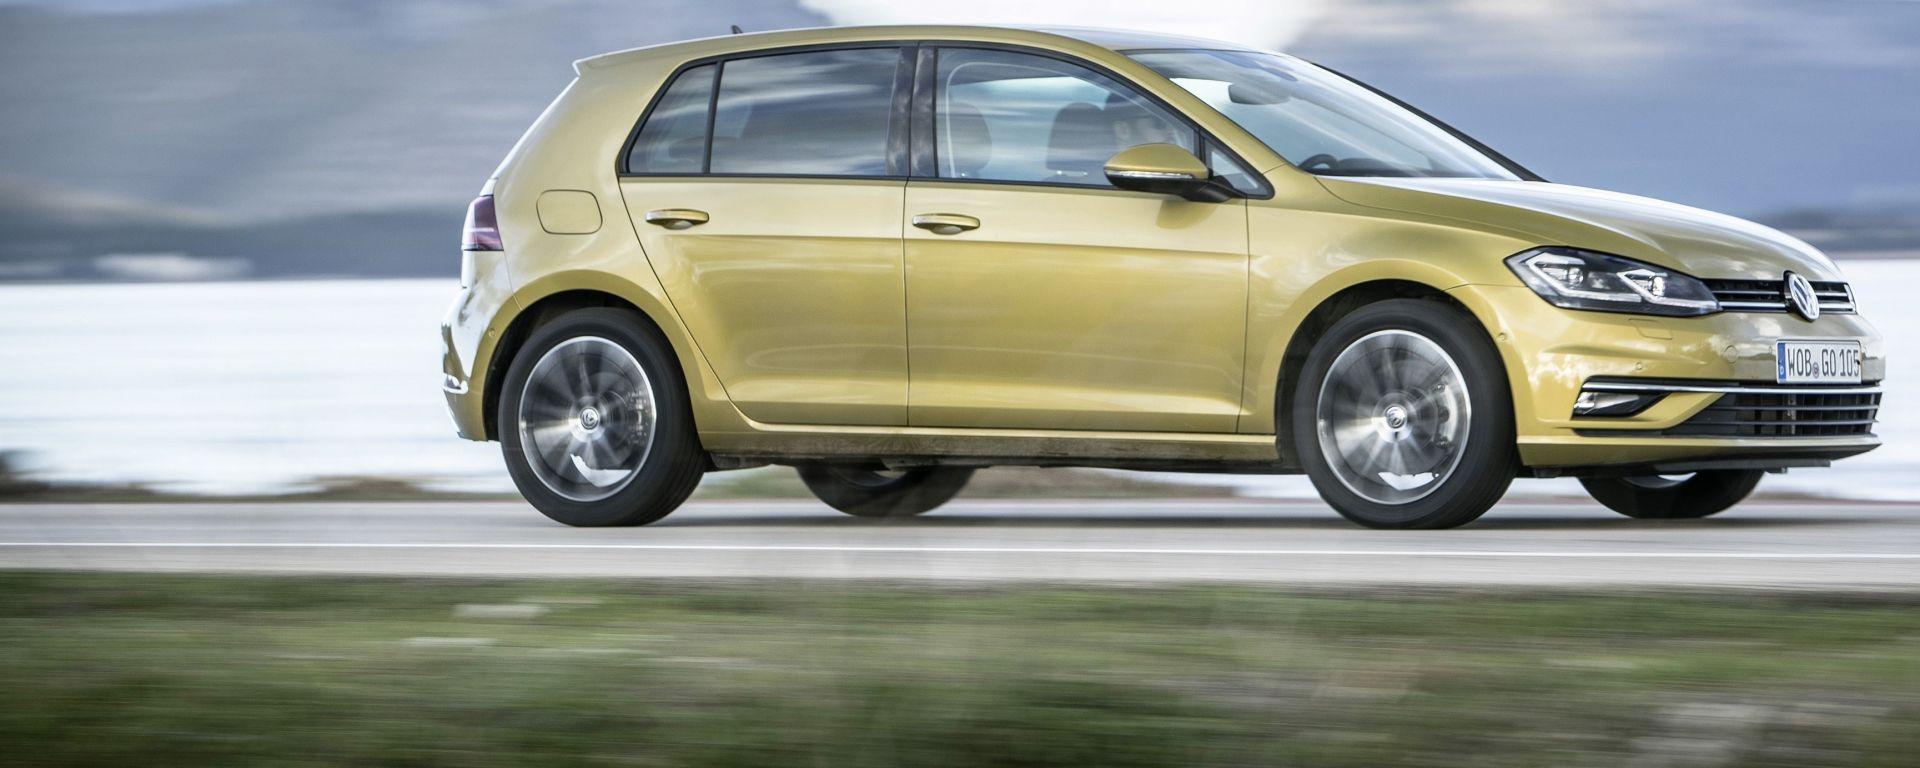 Nuova Volkswagen Golf, debutto rimandato al 2020